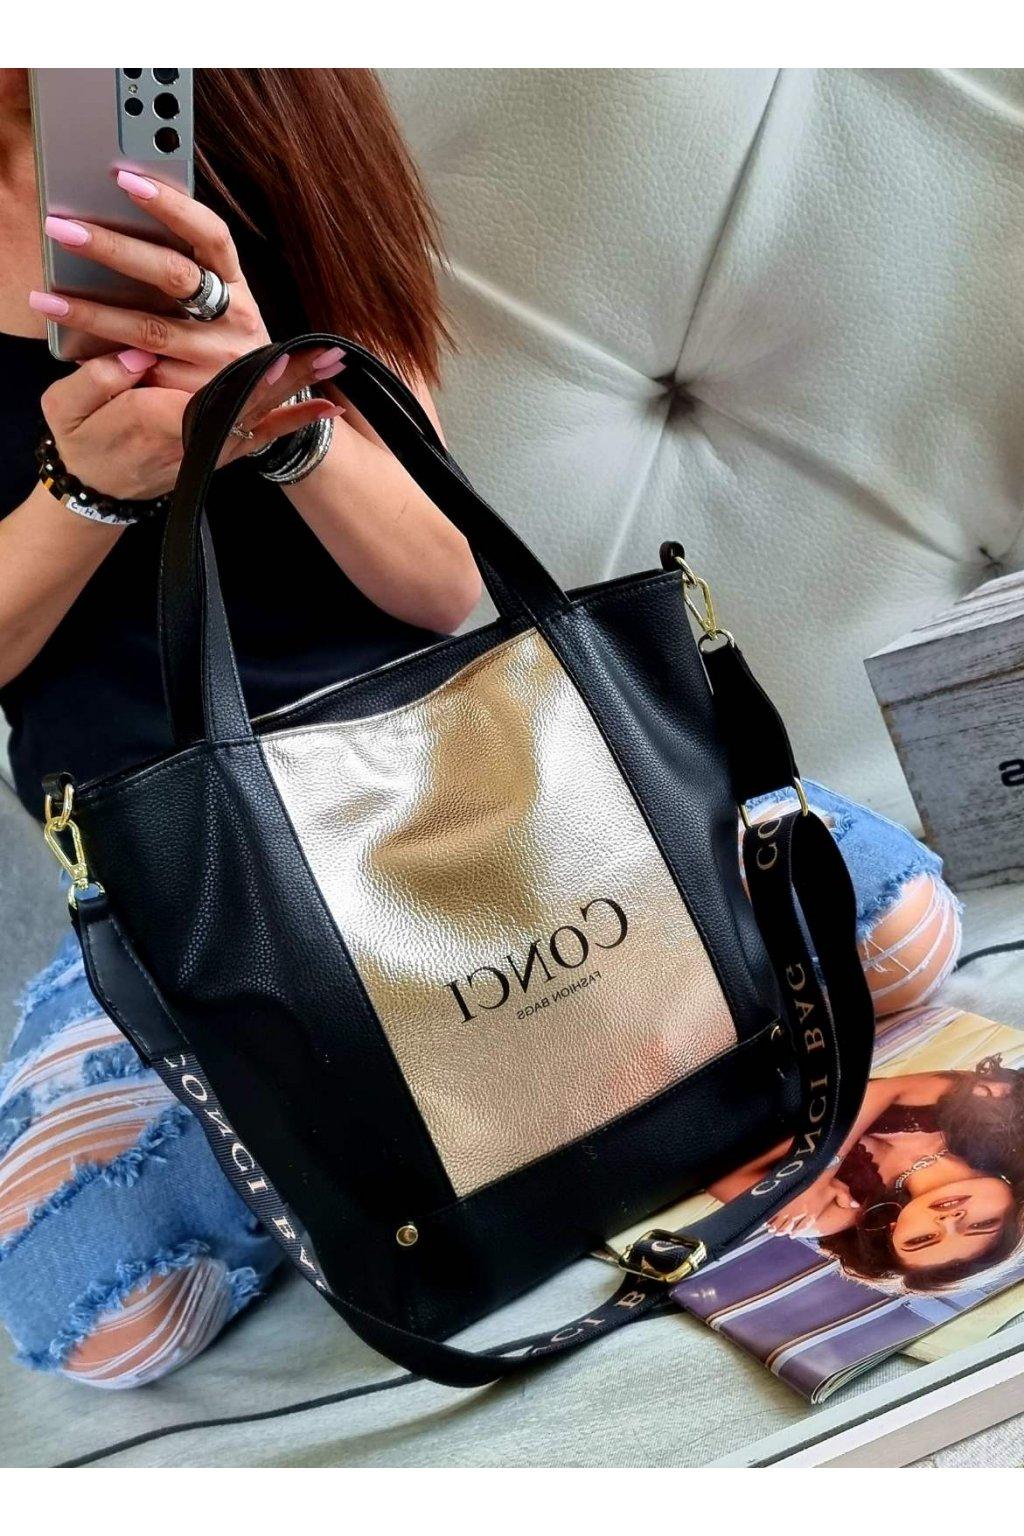 kabelka conci trendy luxusní značková kabelka stylová sportovní černo zlatá